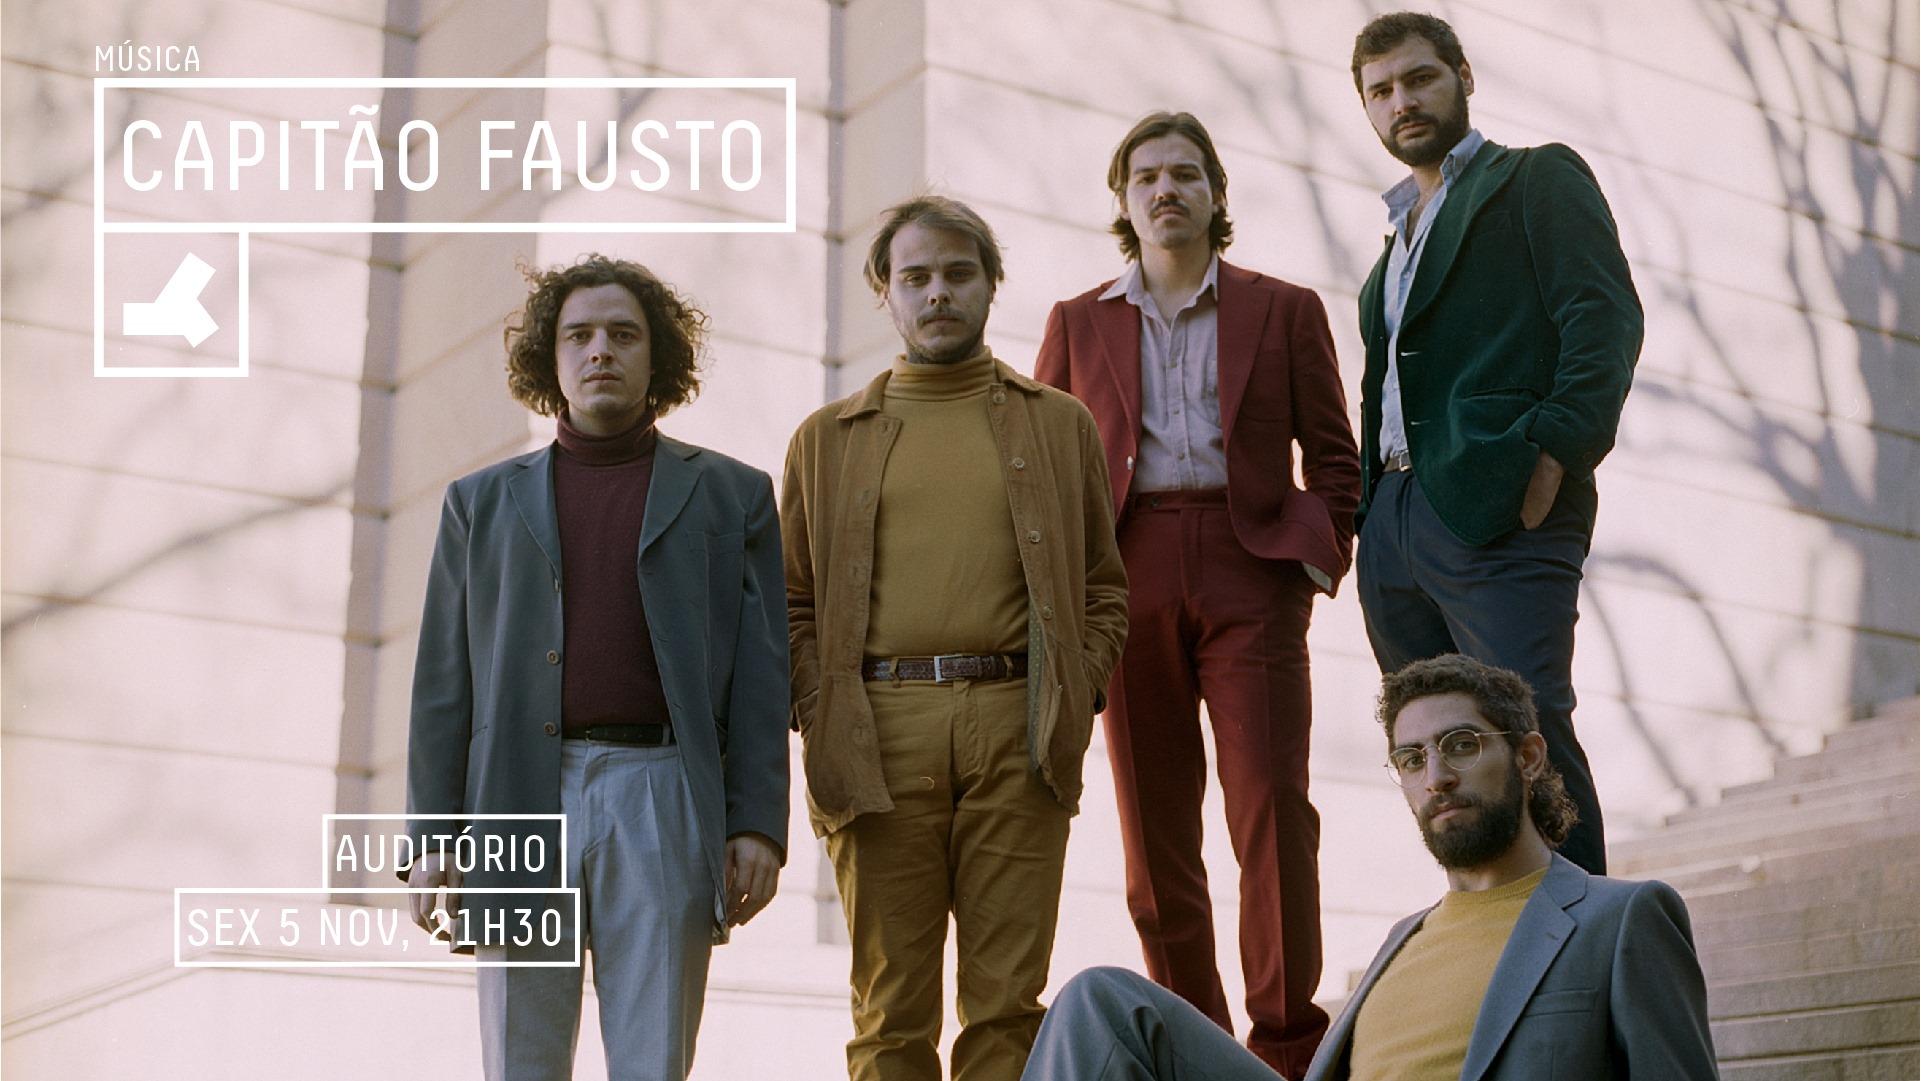 Capitão Fausto